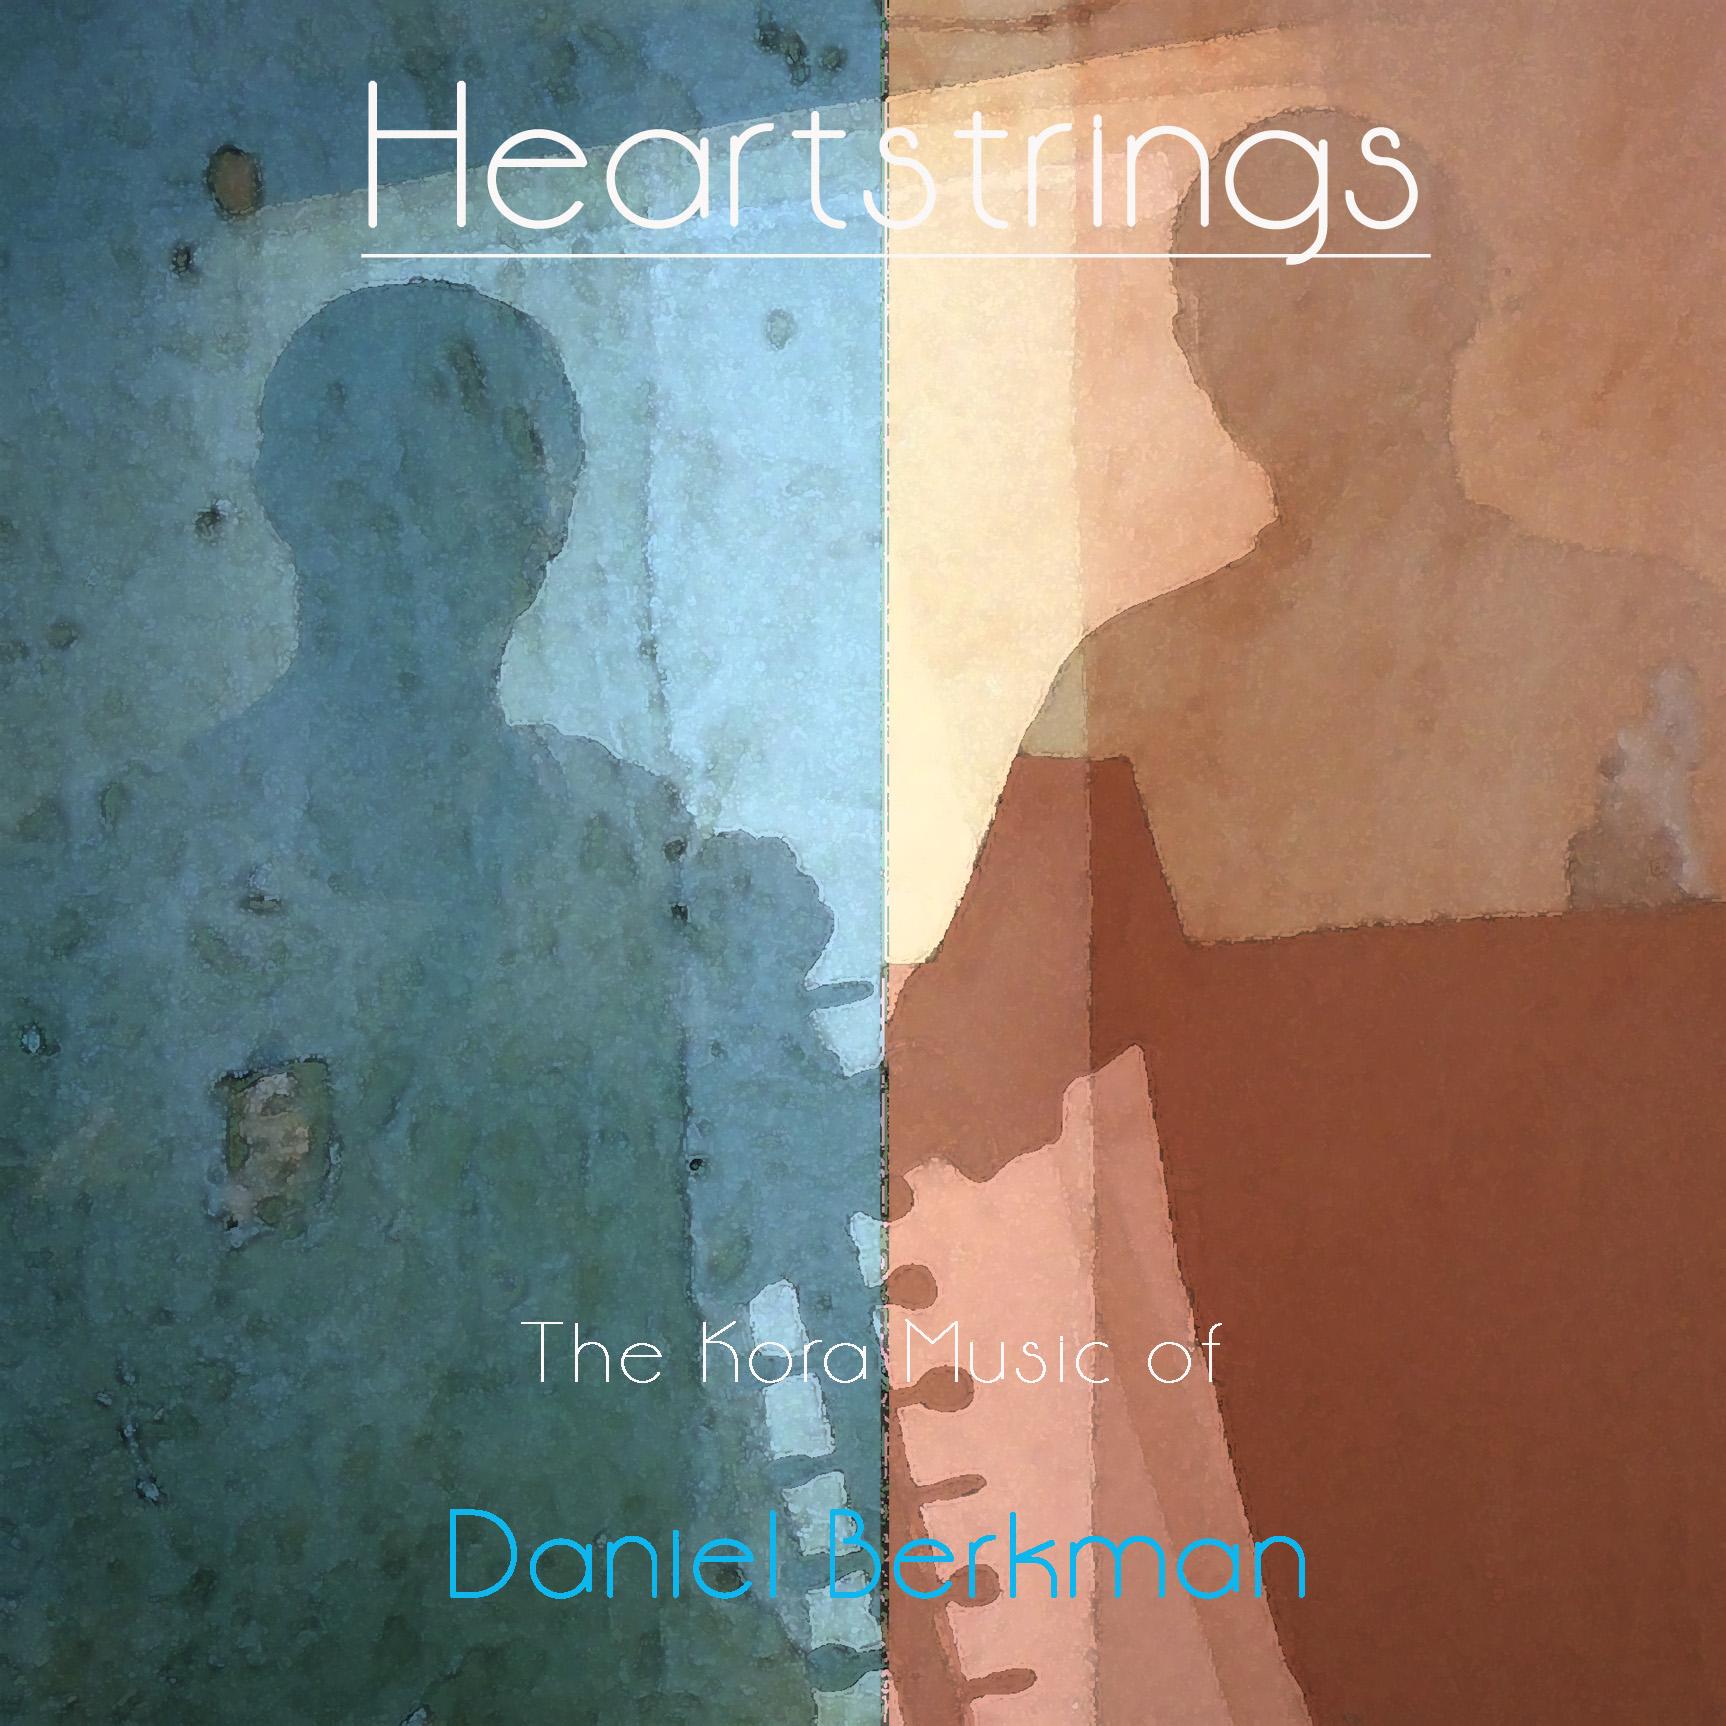 Heartstrings_Cover_1_16_13_edited-1.jpg